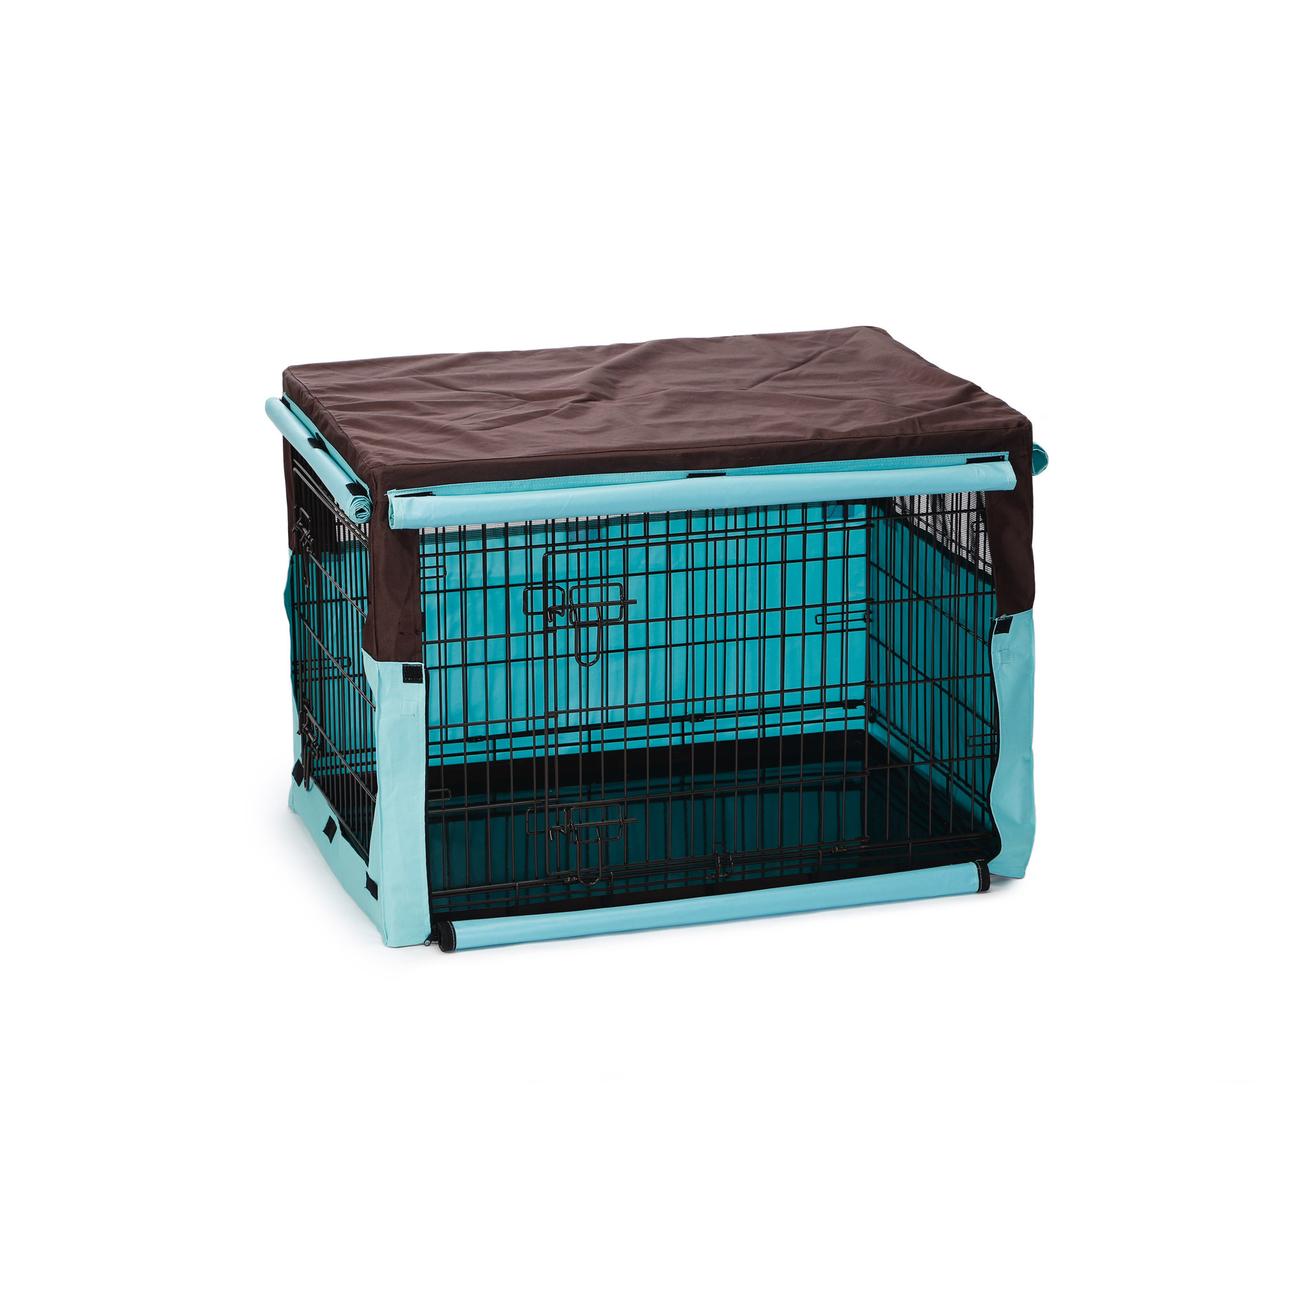 Beeztees Gitterbox Überzug Benco für Bench, Bild 2